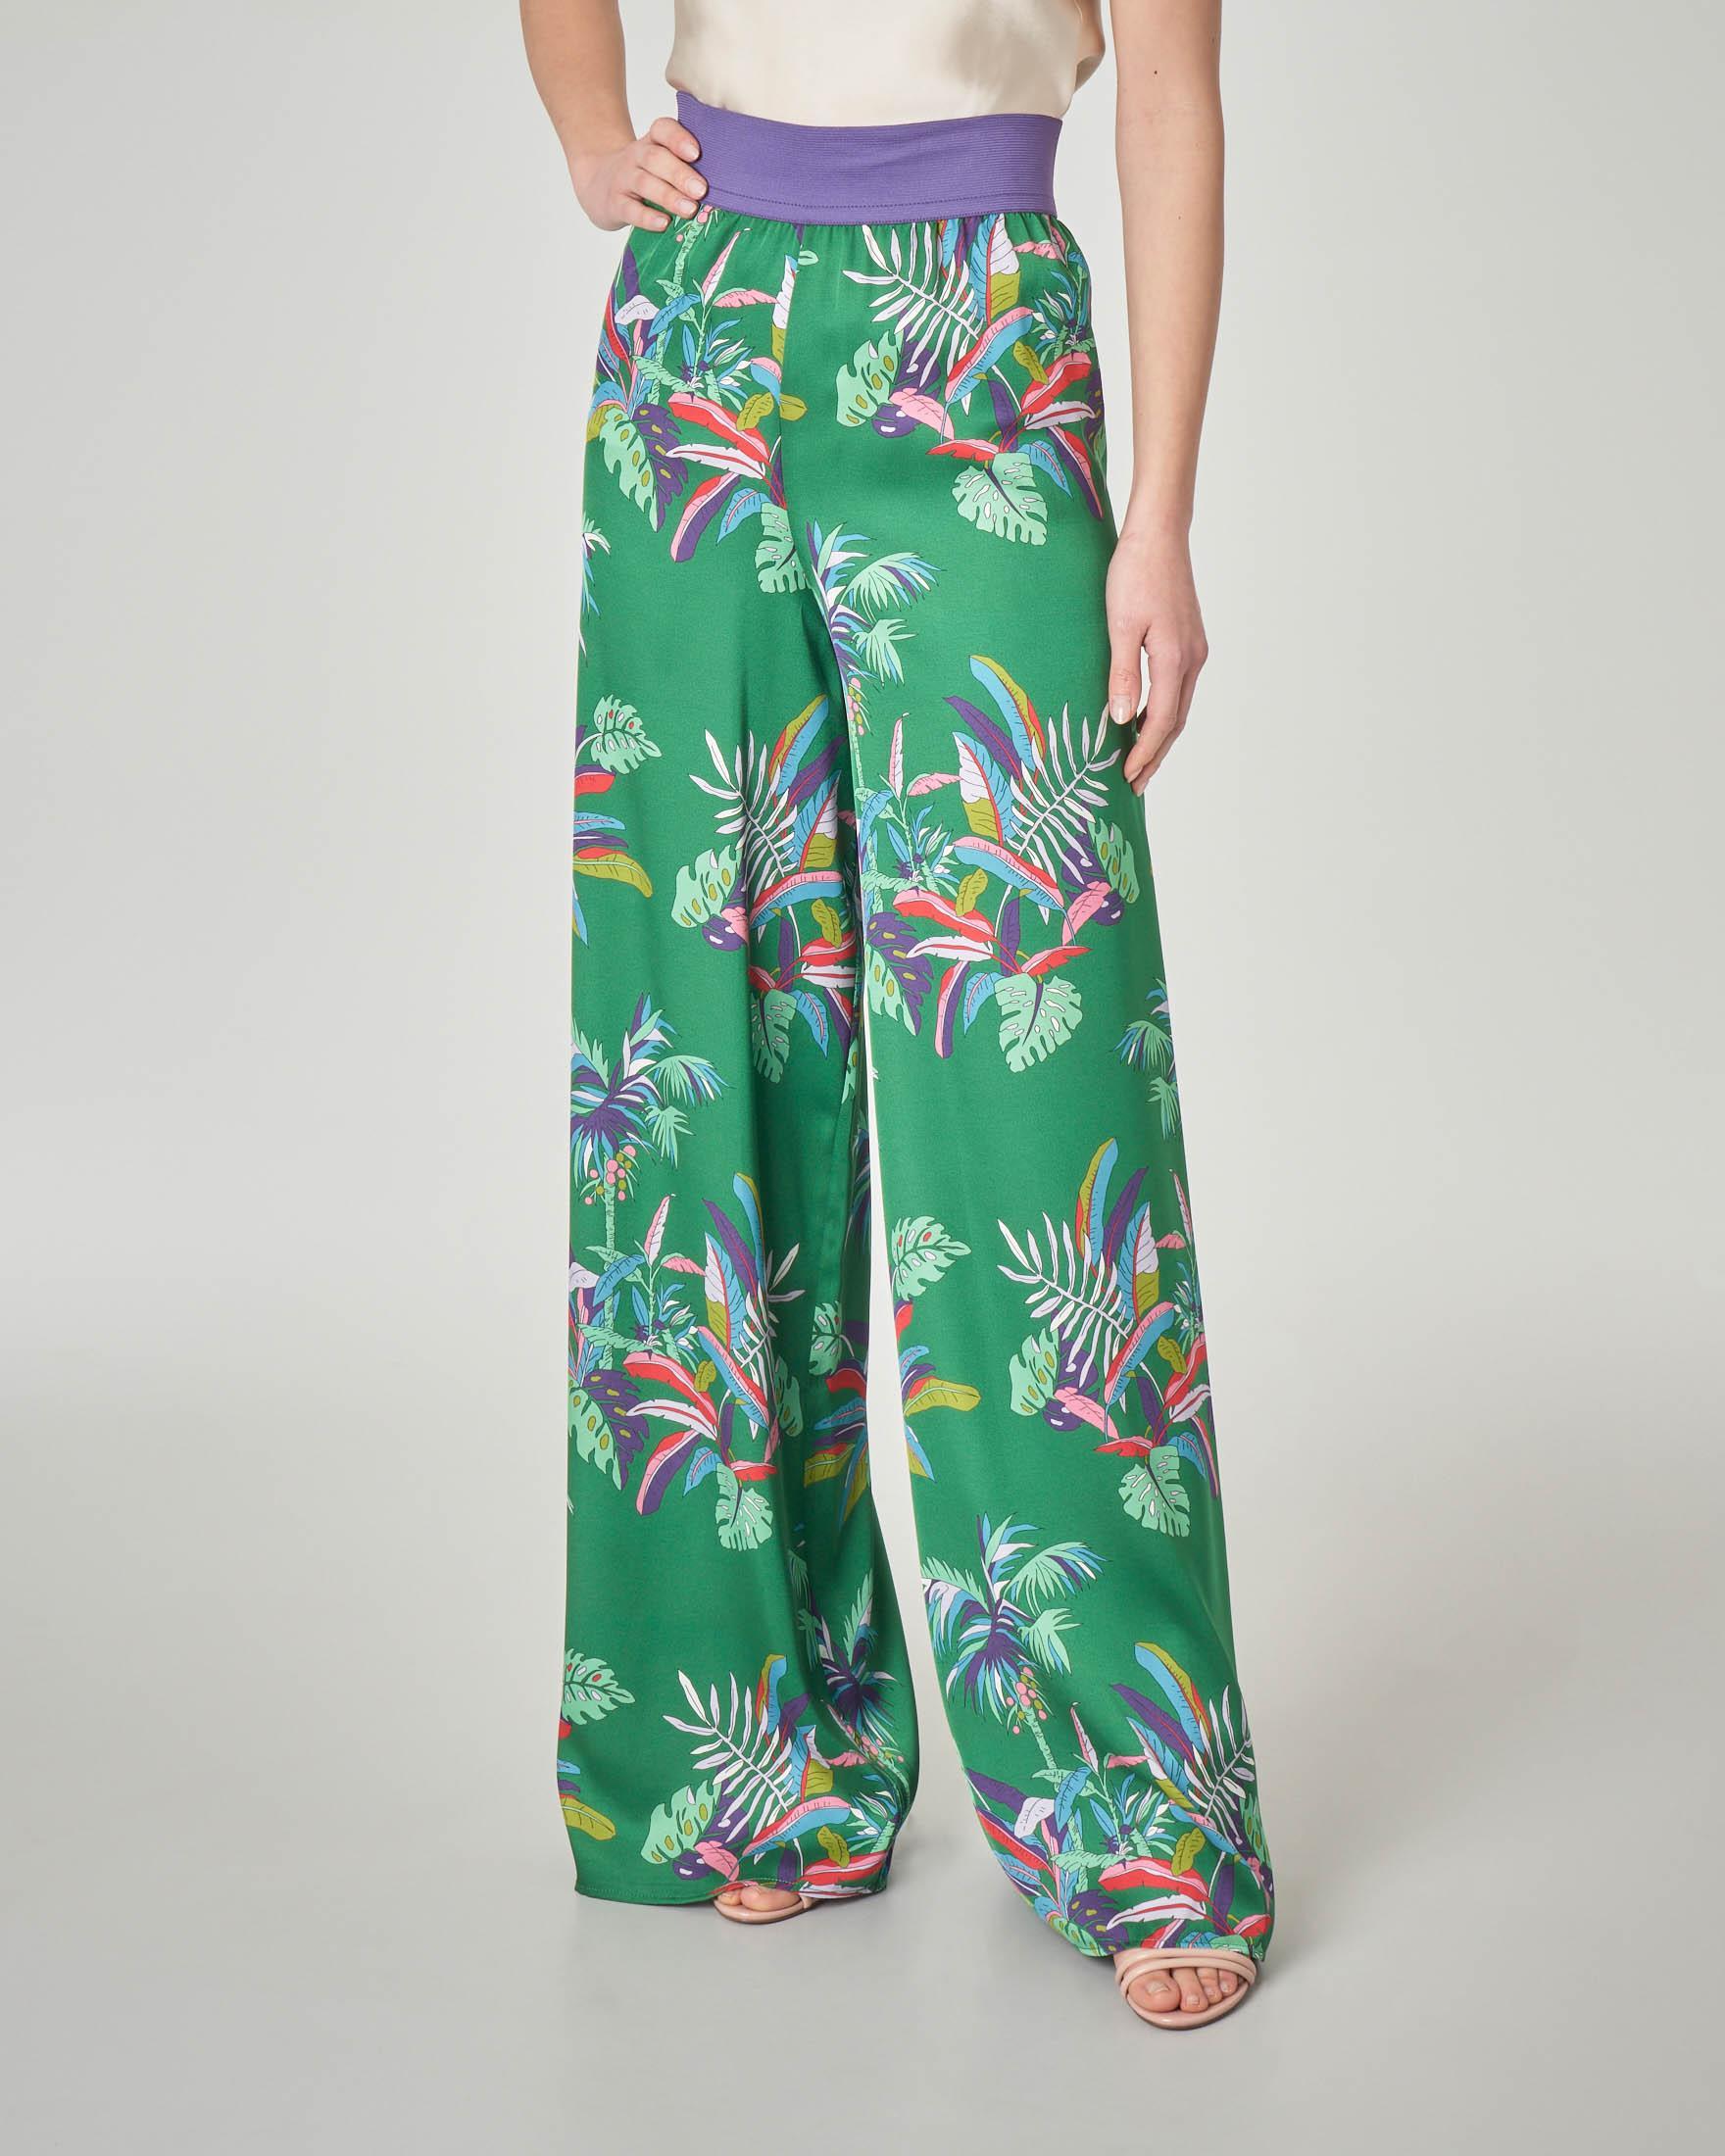 Pantaloni palazzo verdi stampa tropicale con fascia elastica in vita